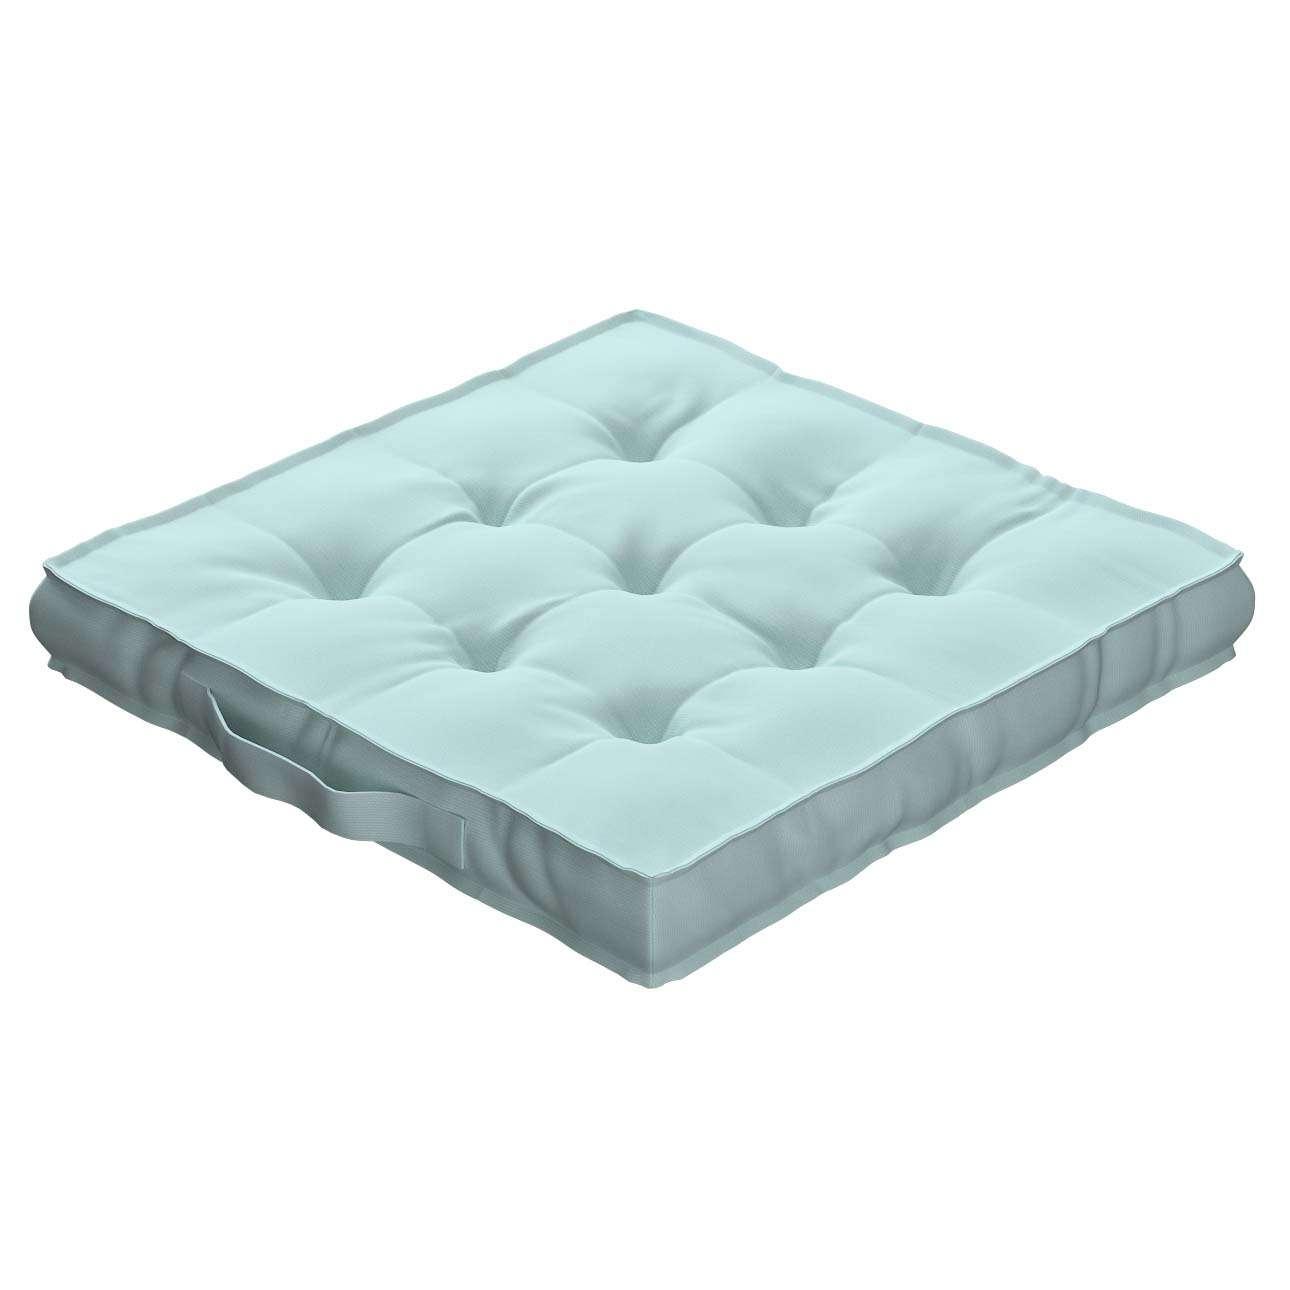 Sitzkissen Jacob mit Handgriff 40 x 40 x 6 cm von der Kollektion Cotton Panama, Stoff: 702-10